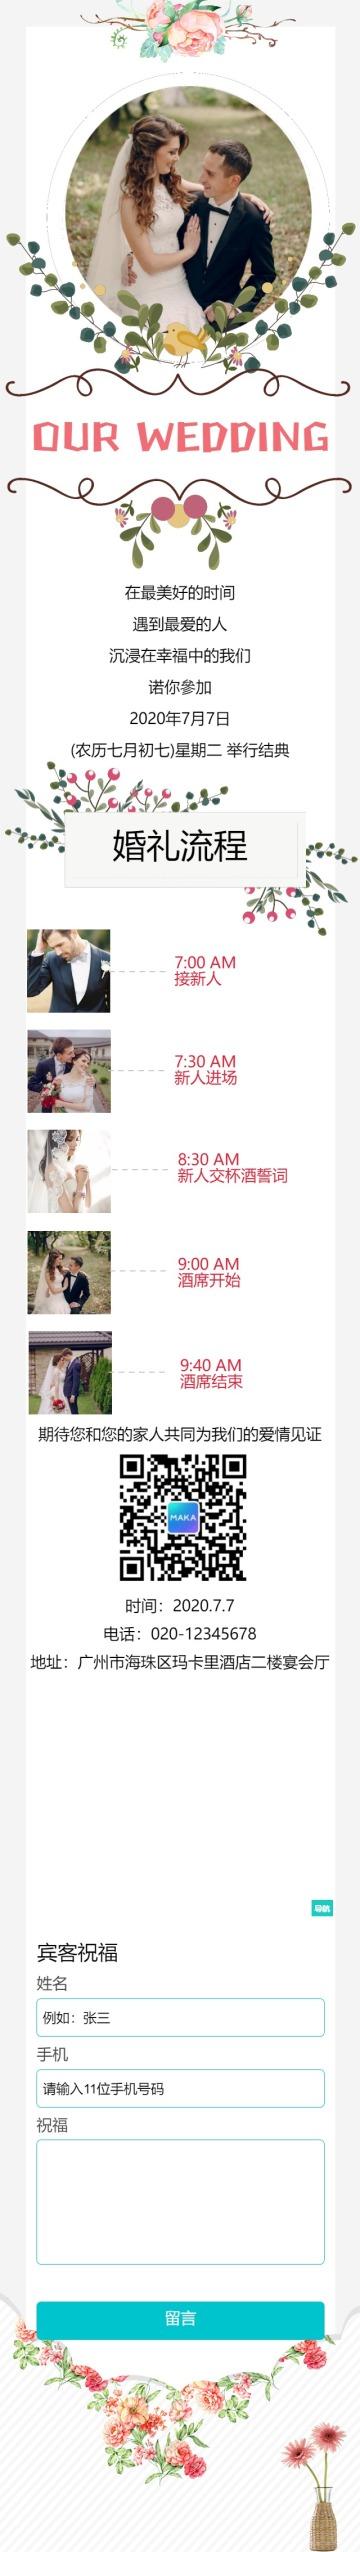 极简文艺浪漫婚礼婚庆单页宣传活动推广